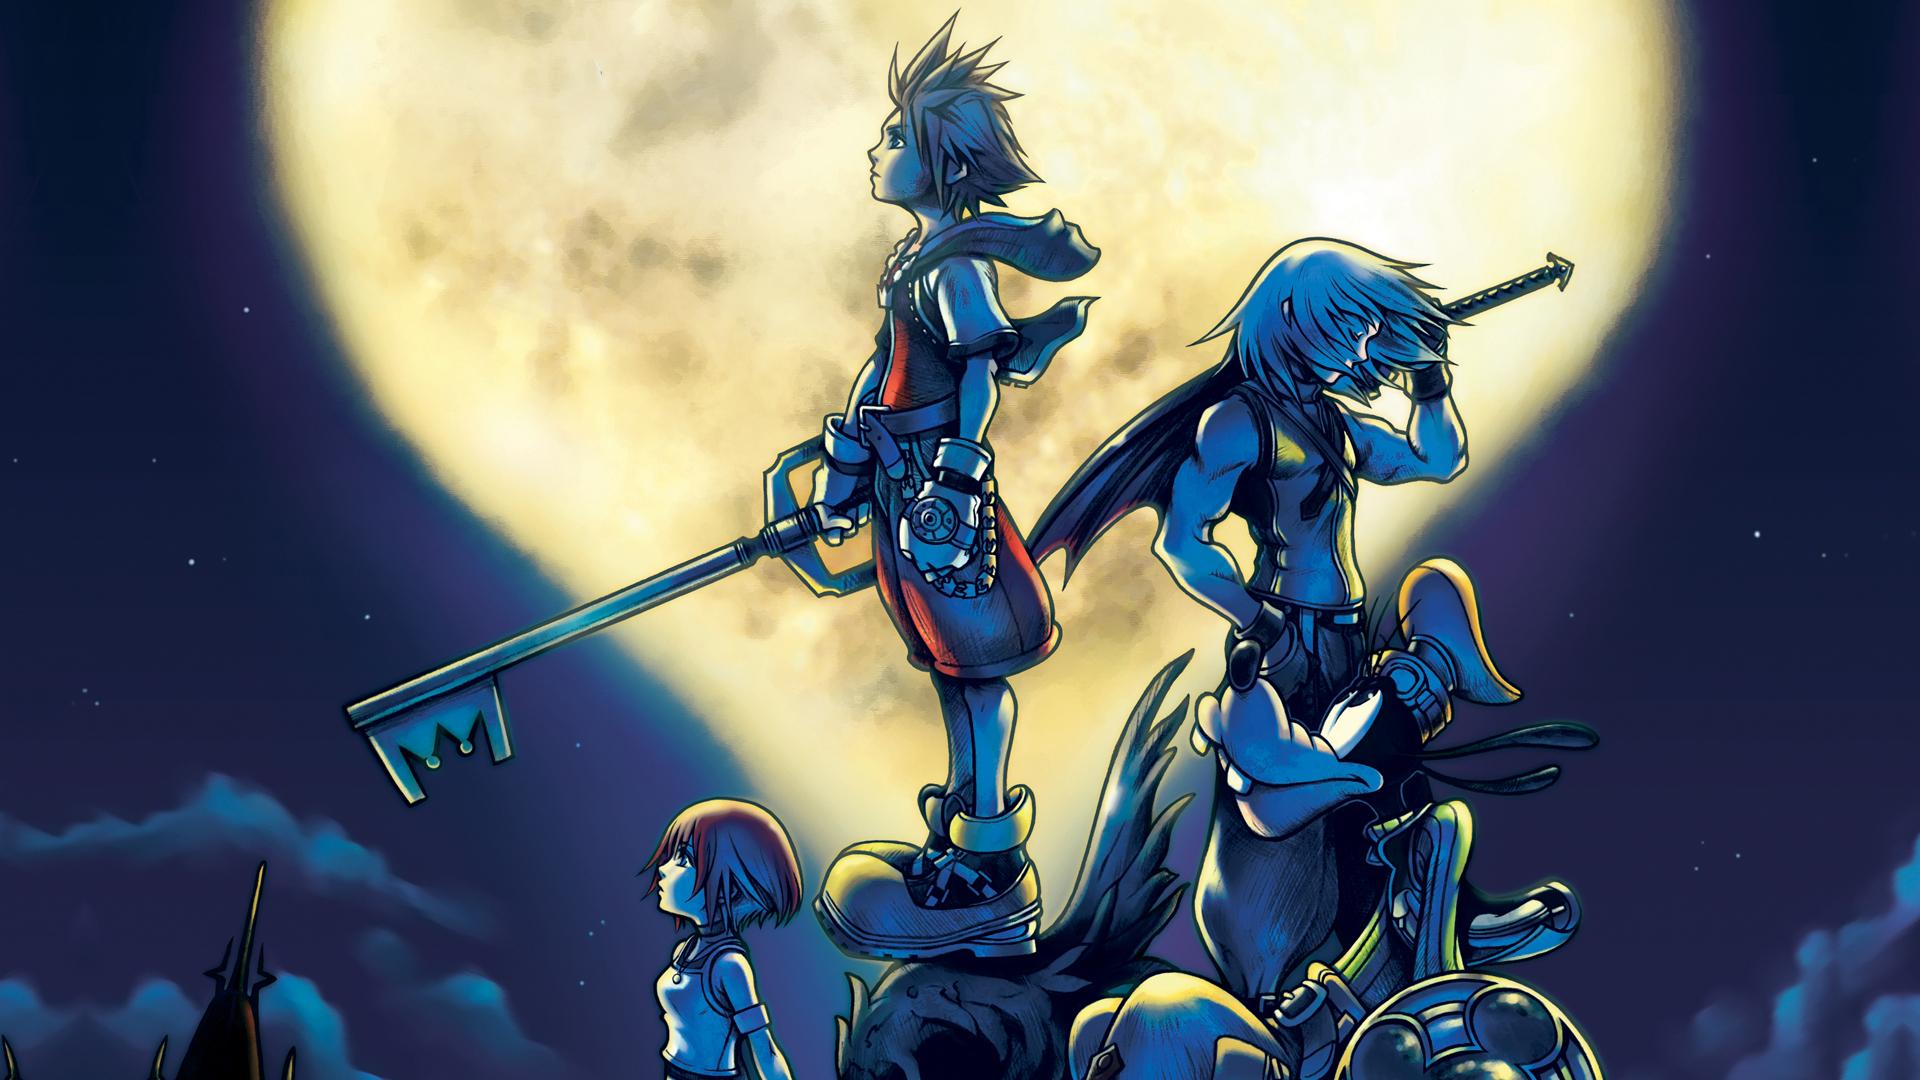 Kingdom Hearts 1 5 2 5 Hd Remix Kh Final Mix Top 10 Keyblades